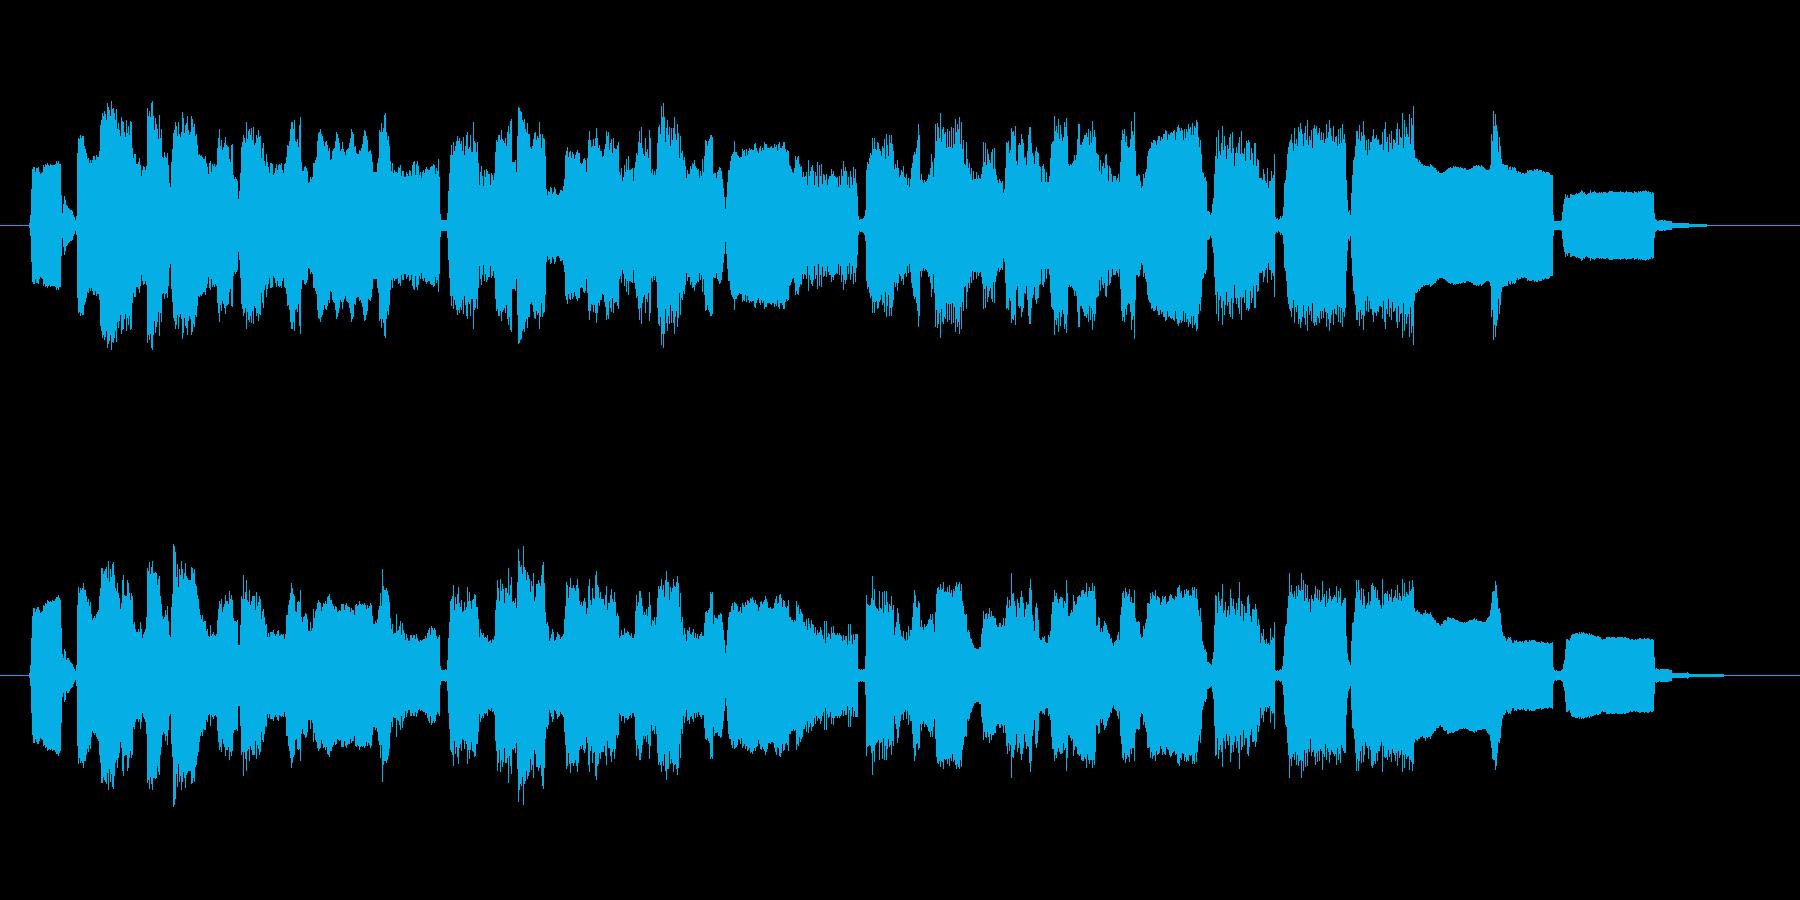 へたっぴ演奏のかわいいジングルの再生済みの波形